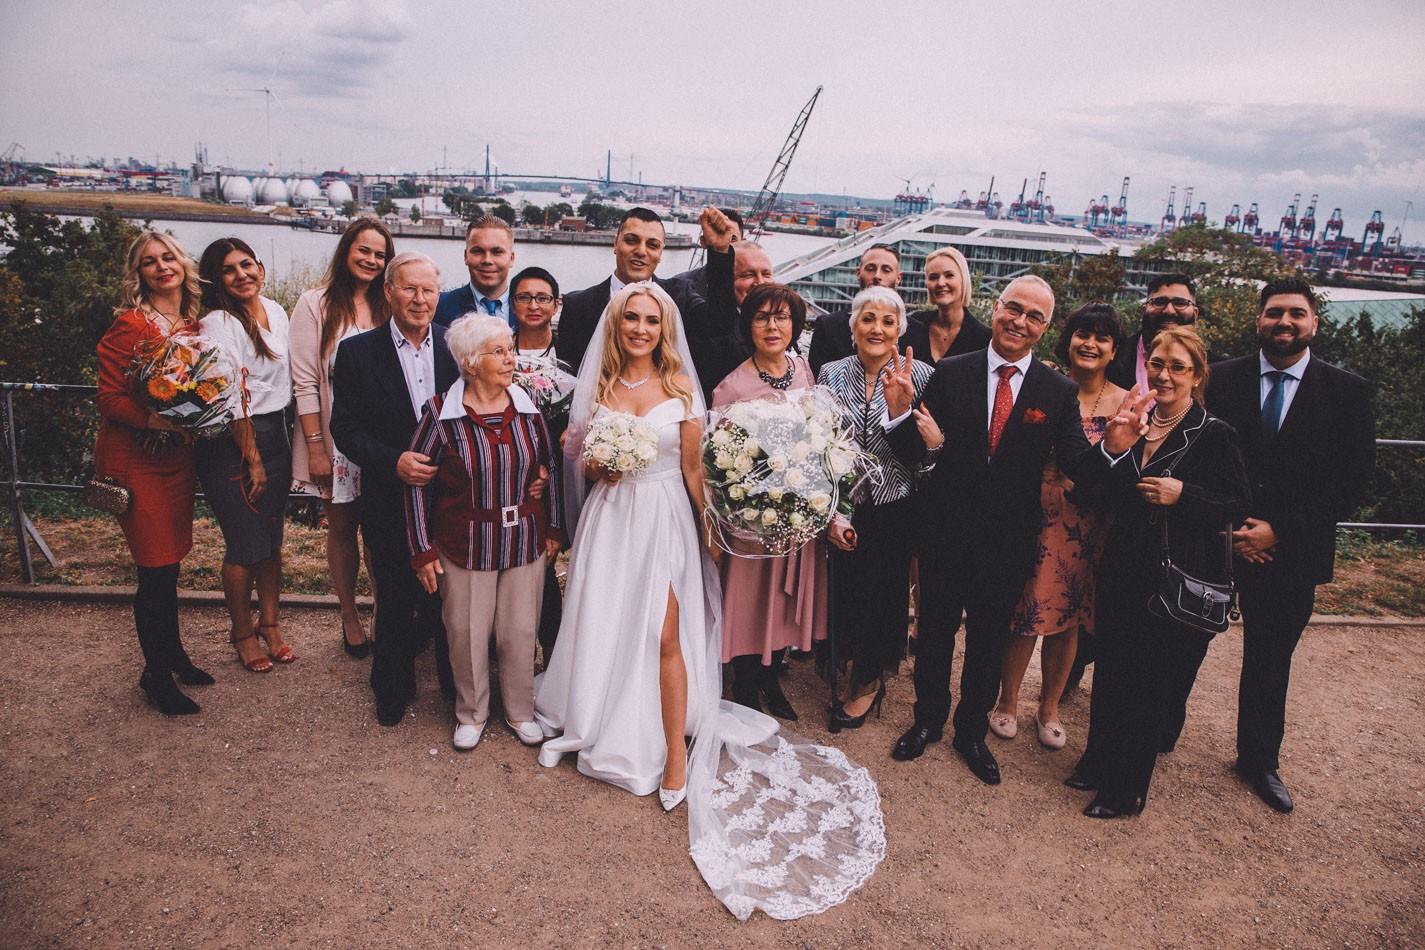 Gruppenfotos während die Hochzeit in Hamburg